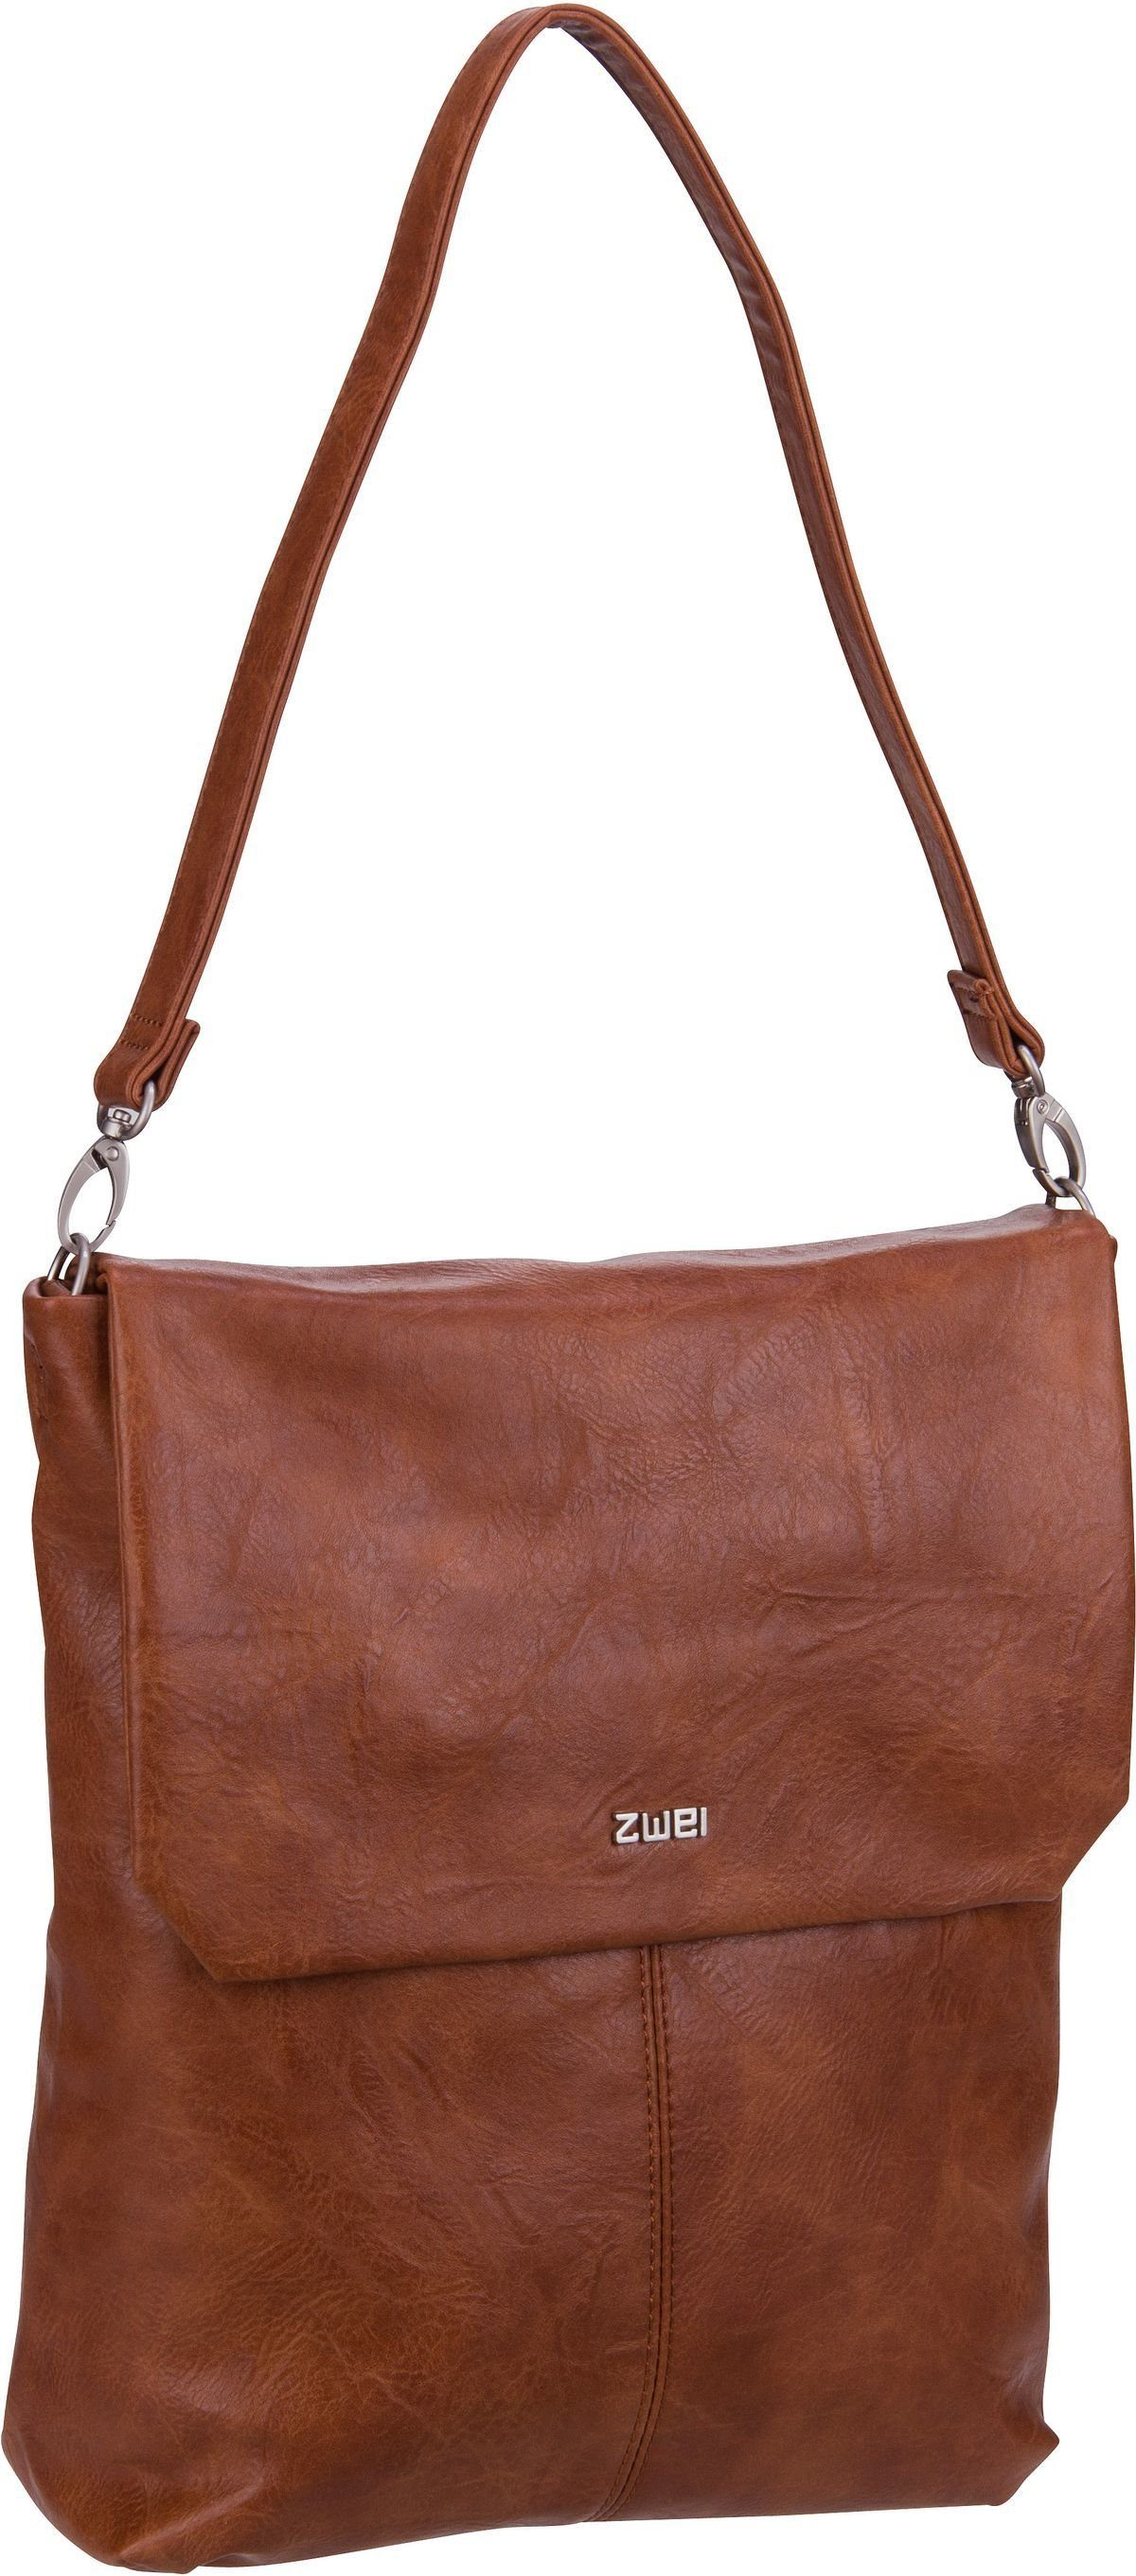 Zwei Handtasche Mt15« »mademoiselle Kaufen Online DHWE2I9